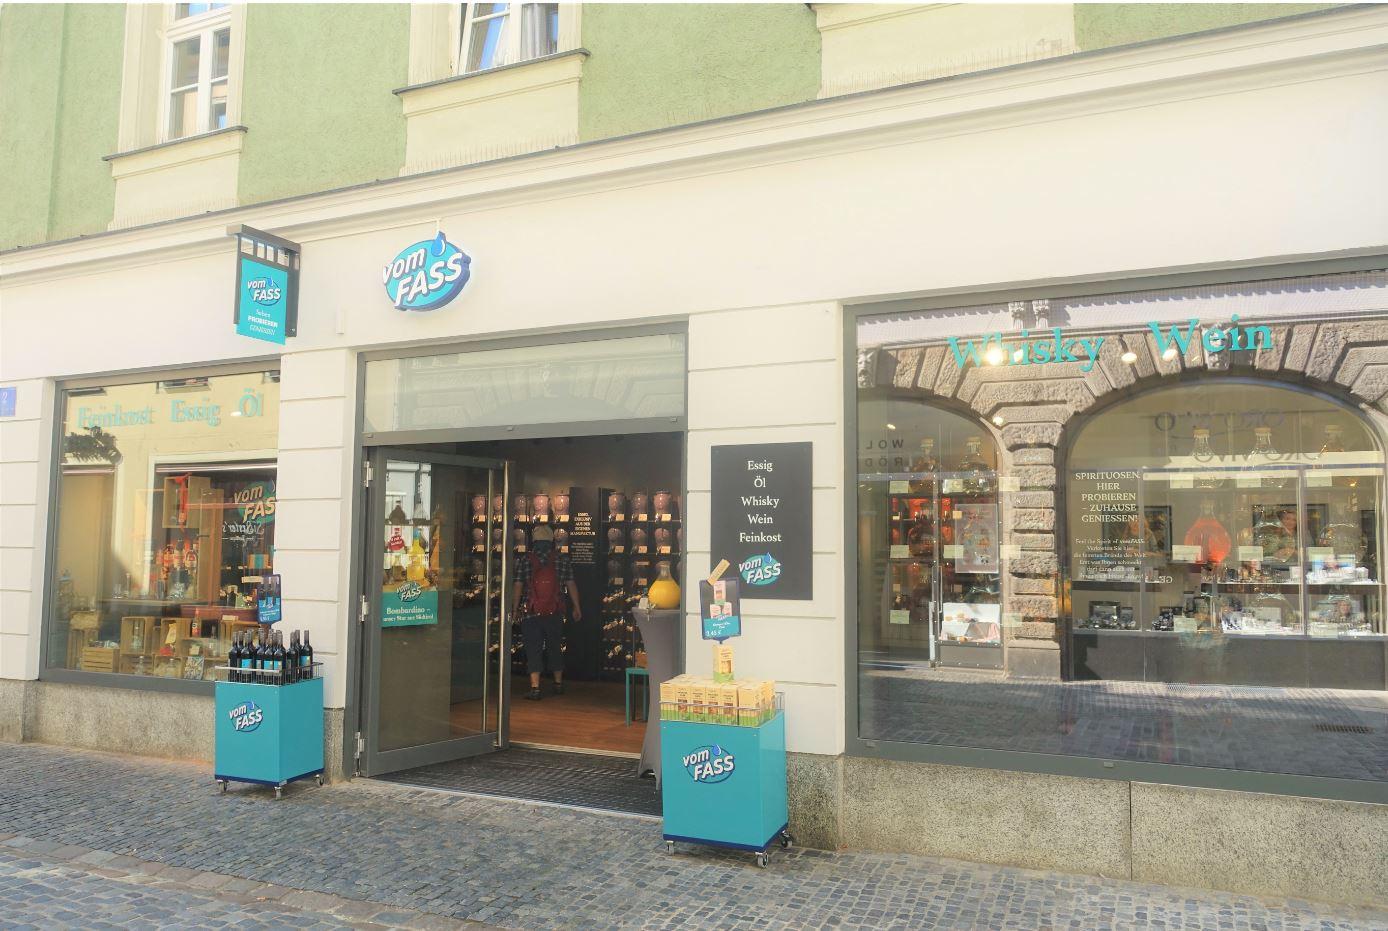 Vom Fass Regensburg